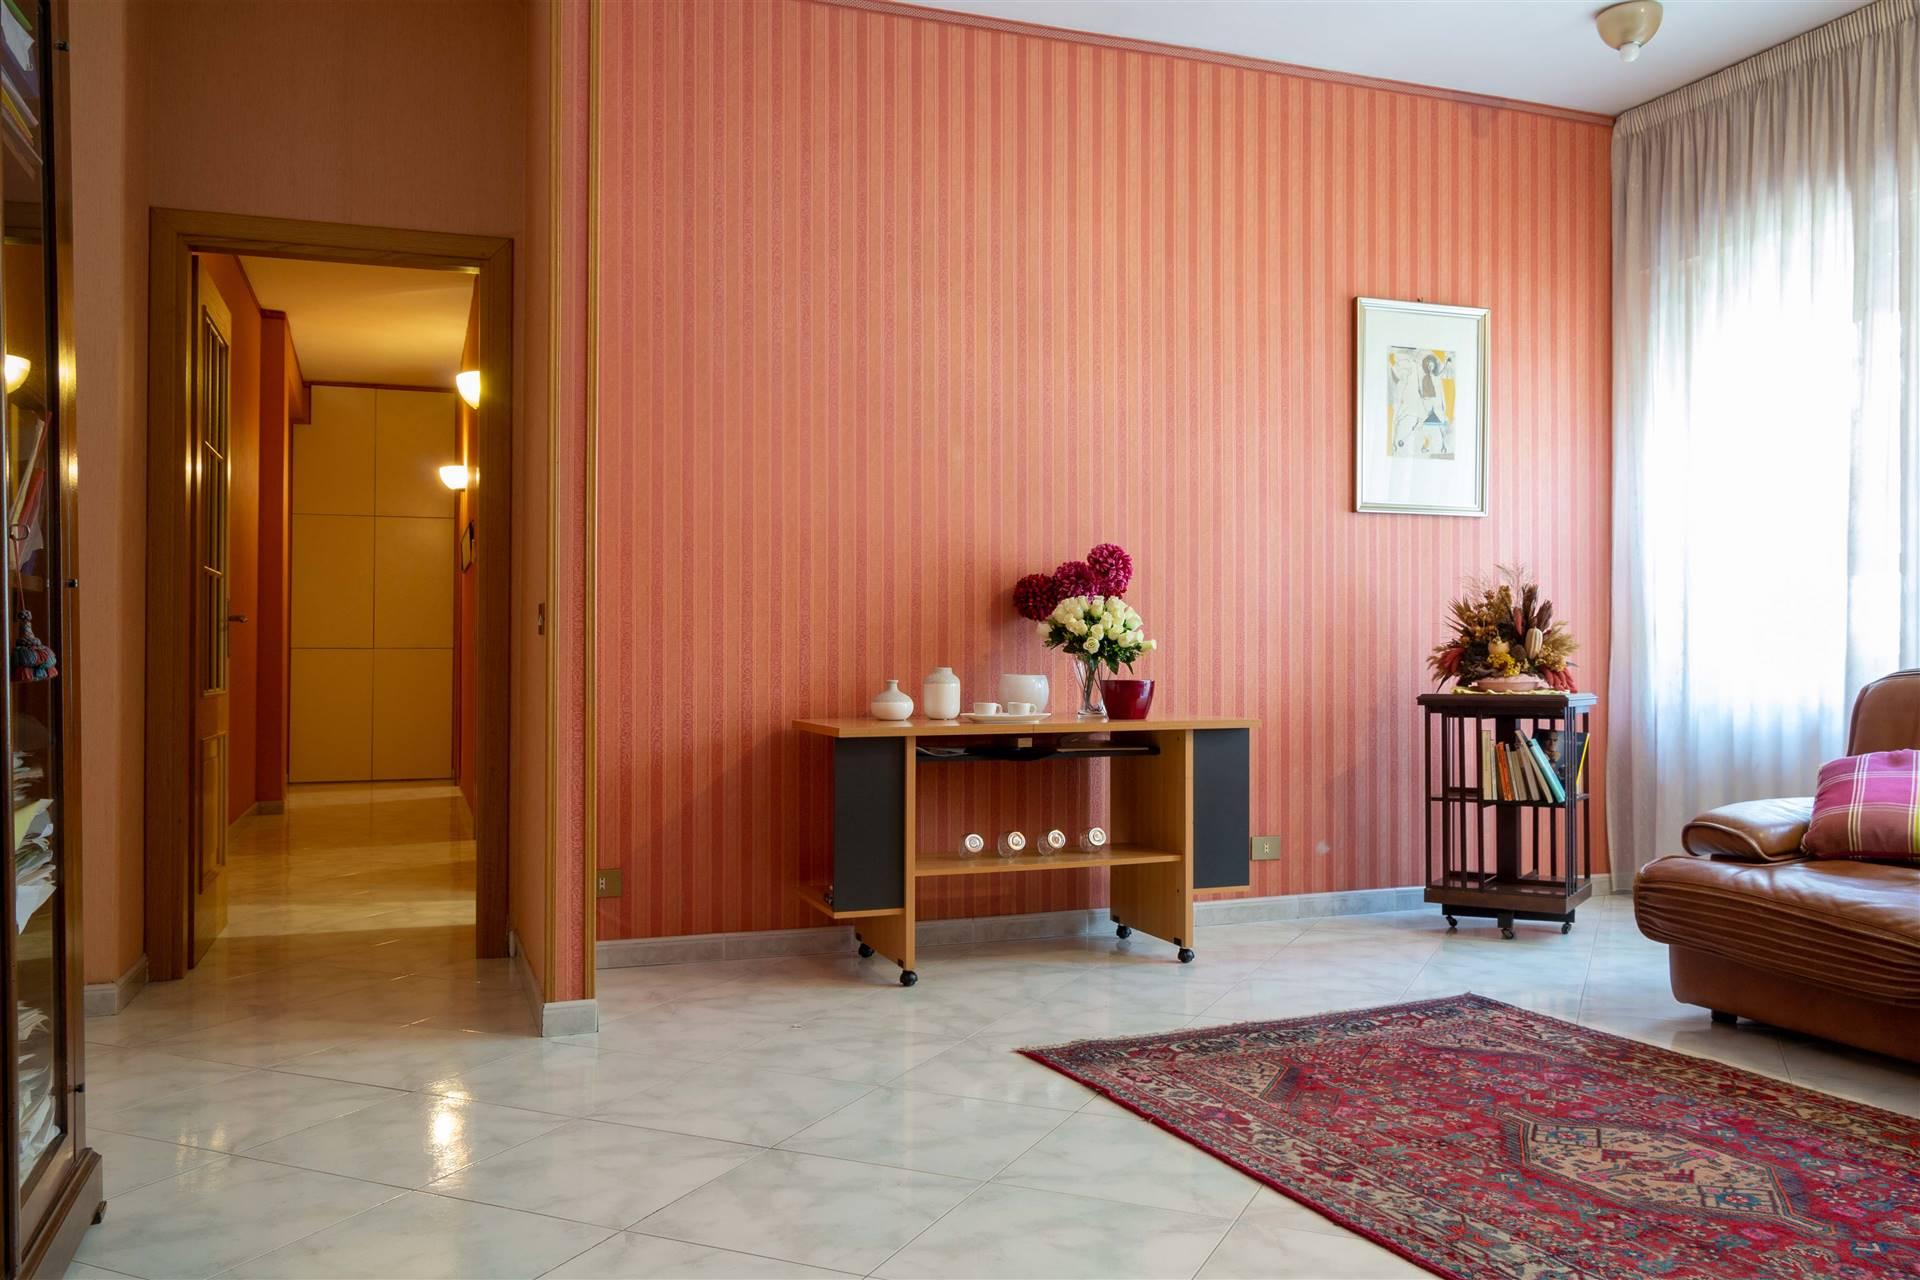 Appartamento in vendita a Avellino, 3 locali, zona Località: PIAZZA KENNEDY, prezzo € 155.000 | CambioCasa.it